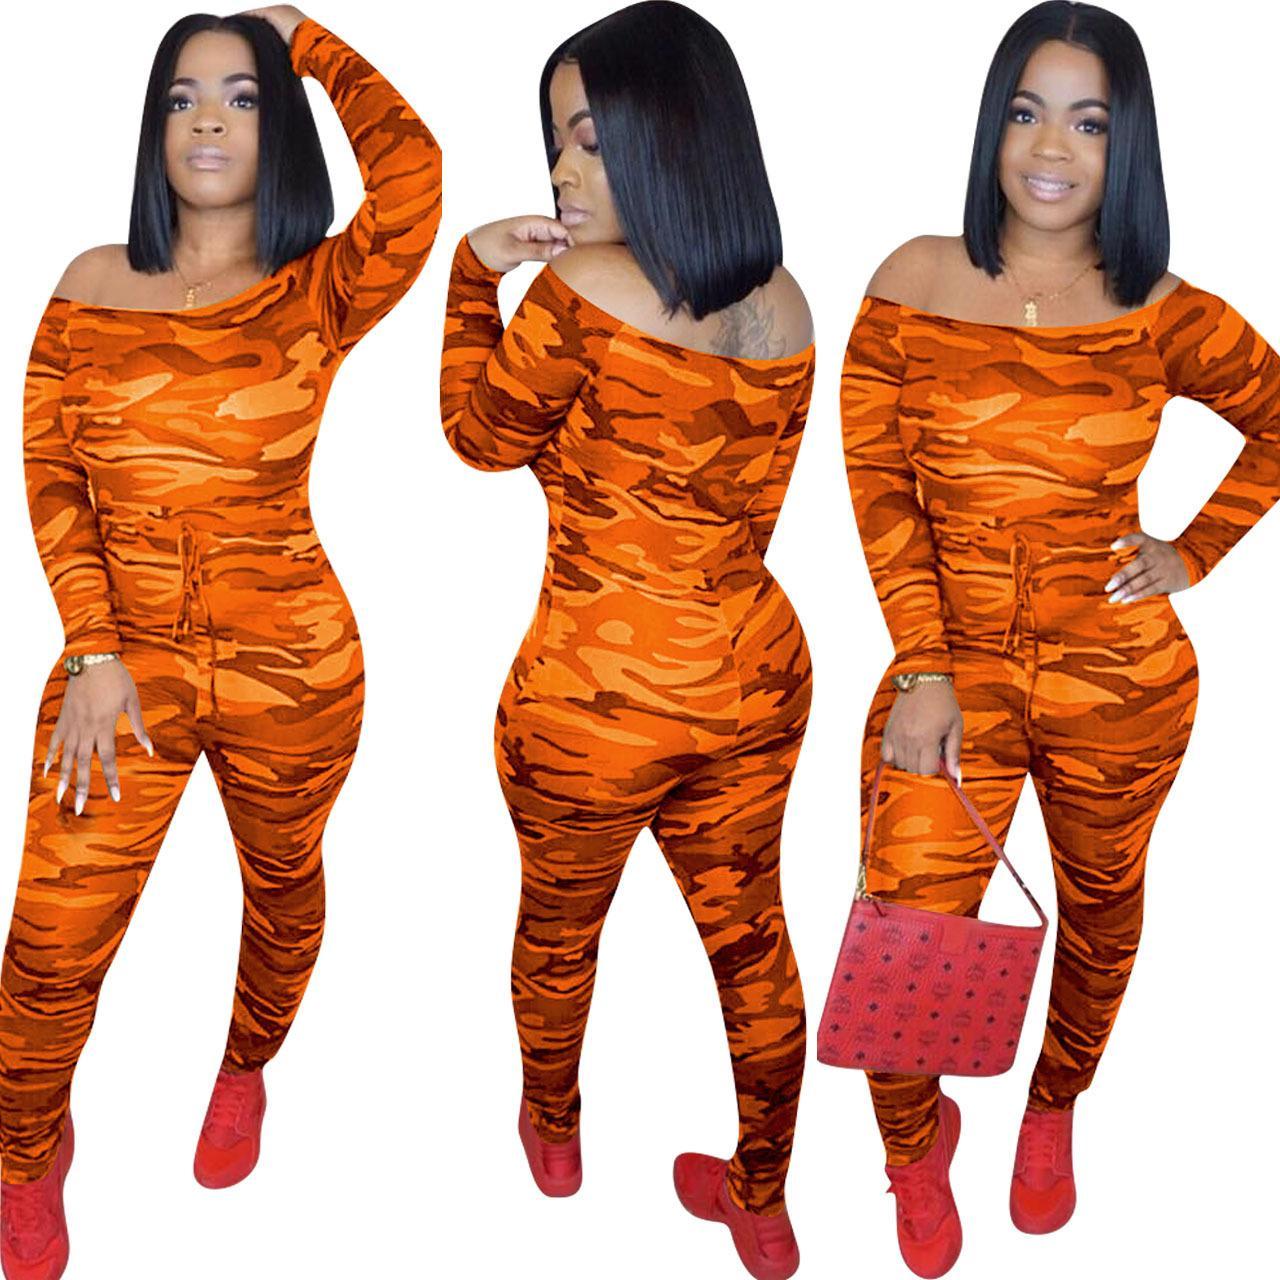 Women Unique Long Sleeve Camouflage Rompers Jumpsuit Loose Casual Herem Pants Long Sleeve Hip Pop Sport Slacks Plus Size S-XXL